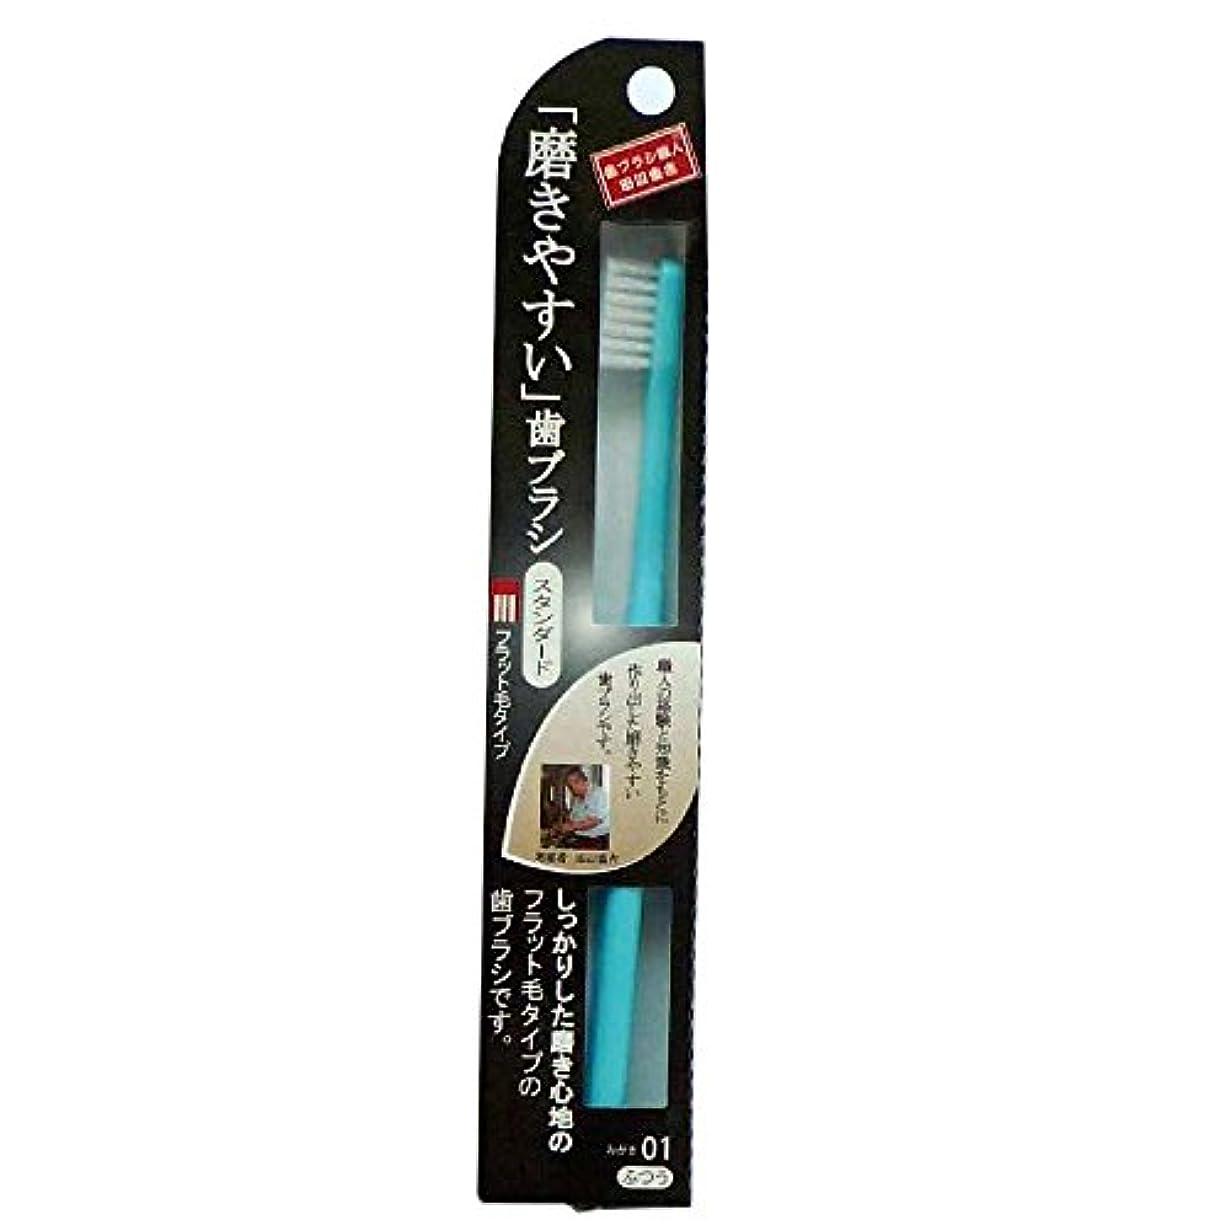 積極的に感性電話する磨きやすい歯ブラシフラット LT-01